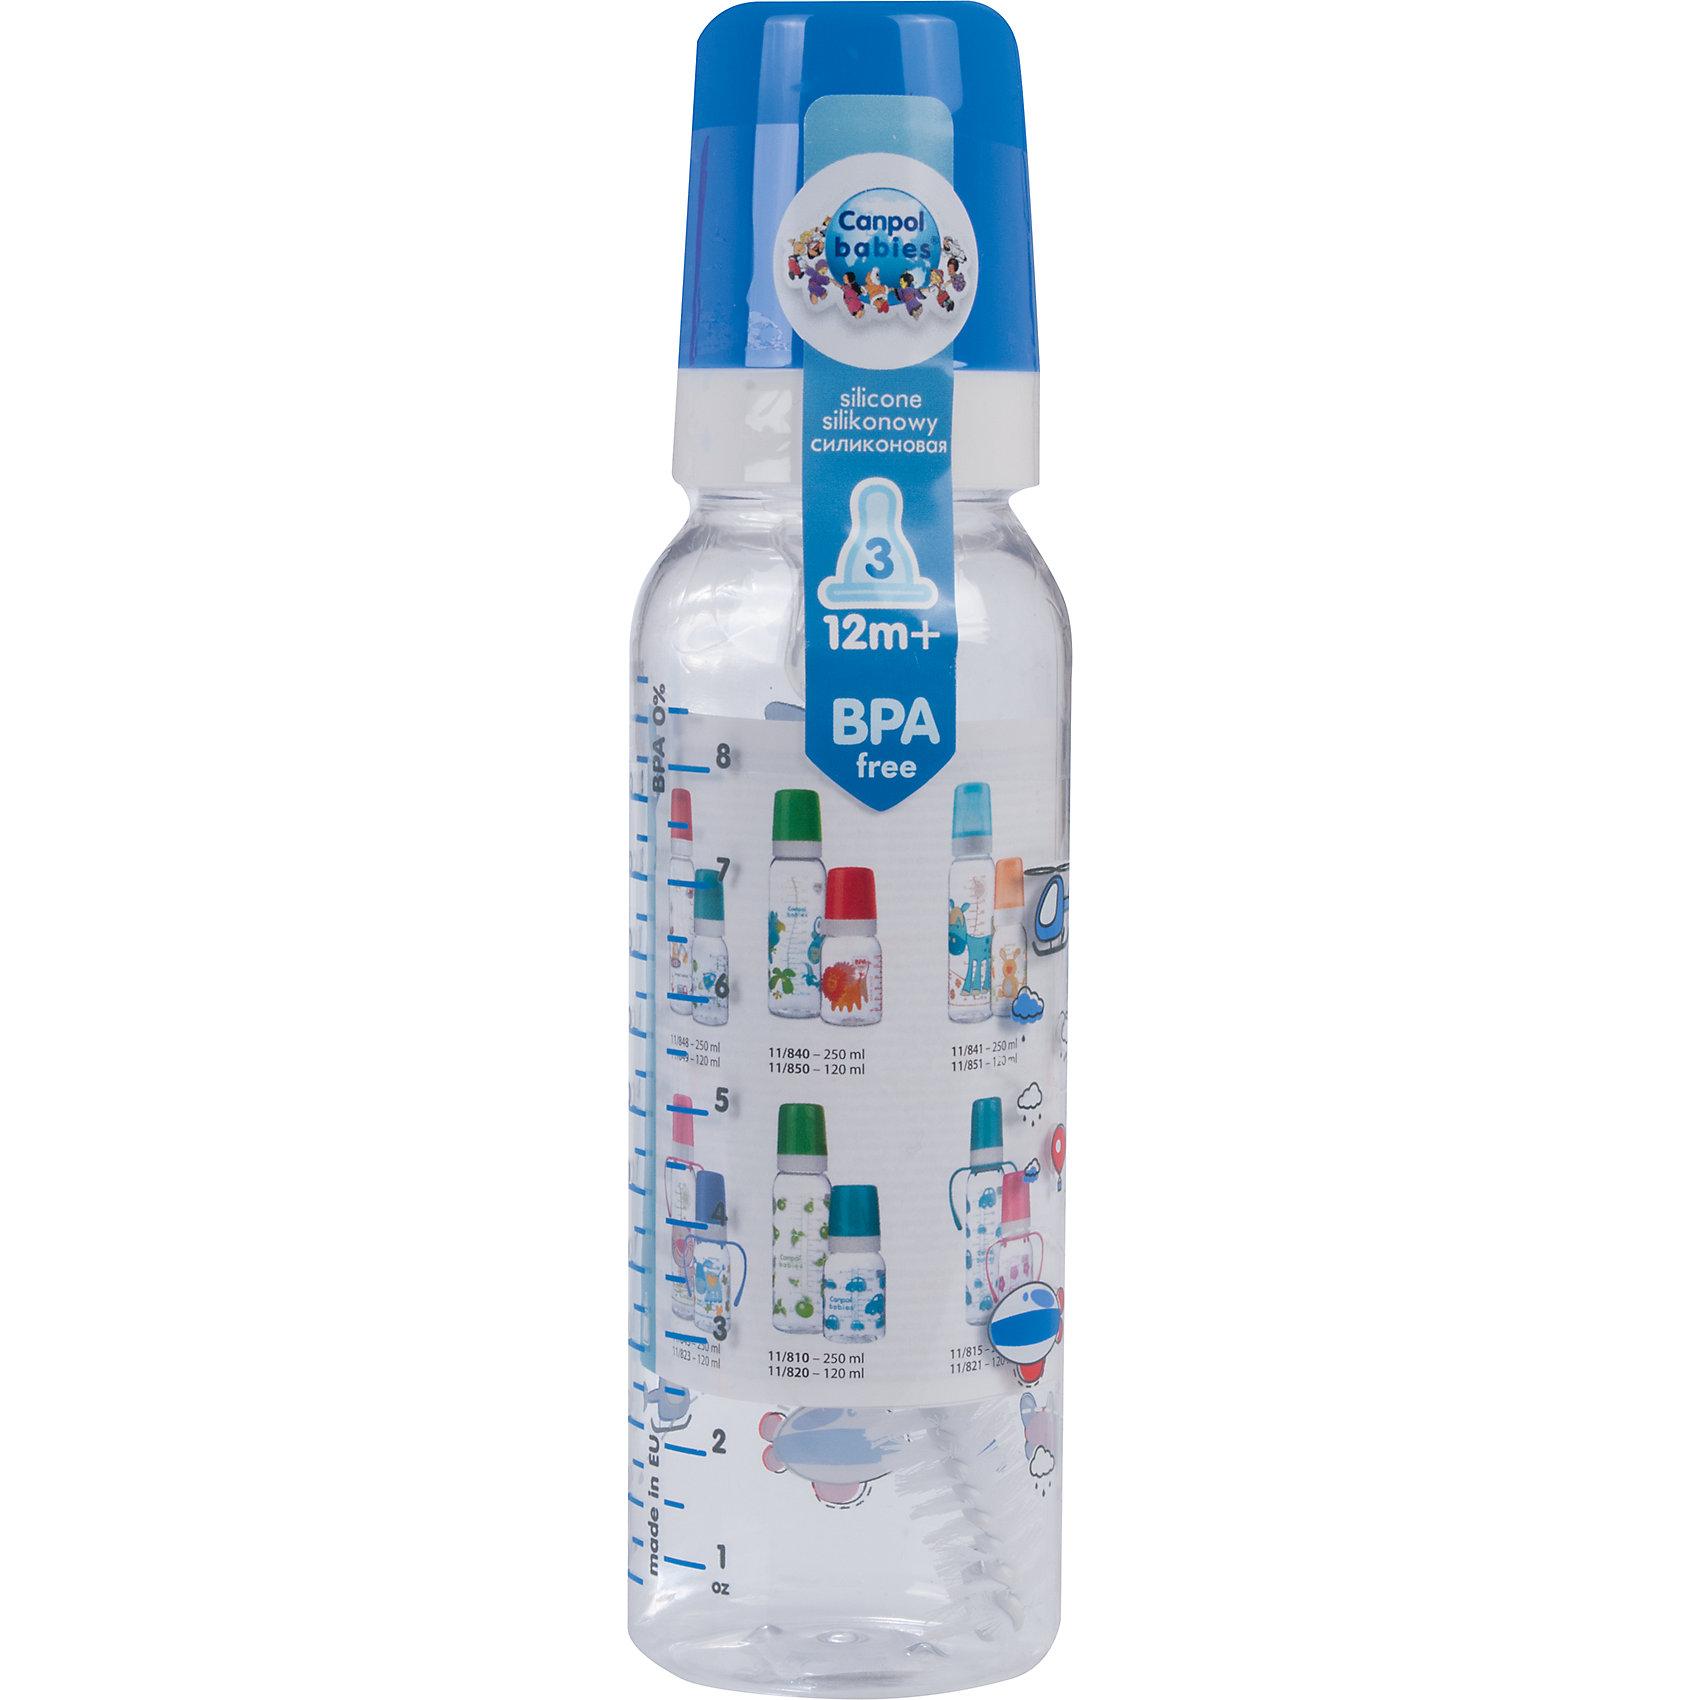 Бутылочка тритановая 250 мл. 12+ Machines, Canpol Babies, синийБутылочка тритановая (BPA 0%) с сил. соской, 250 мл. 12+ Machines, Canpol Babies, (Канпол Бейбис), синий.<br><br>Характеристики: <br><br>• Объем бутылочки: 250мл.<br>• Материал бутылочки: тритан - пластик нового поколения.<br>• Материал соски: силикон.<br>• Цвет : синий. <br>Бутылочка тритановая (BPA 0%) с сил. соской, 250 мл. 12+ Machines, Canpol Babies, (Канпол Бейбис) имеет классическую форму. Удобна в использовании дома и в дороге. Бутылочка выполнена из безопасного качественного материала - тритана, который хорошо держит тепло, снабжена силиконовой соской (быстрый поток) и защитным колпачком, имеет удобную мерную шкалу.  Такую бутылочку и все части можно кипятить в воде или стерилизовать с помощью специального прибора. Не впитывает запахи. Бутылочка выполнена в синем цвете, украшена  забавным принтом.<br>Бутылочка тритановая (BPA 0%) с сил. соской, 250 мл. 12+ Machines, Canpol Babies, (Канпол Бейбис), синий можно купить в нашем интернет- магазине.<br><br>Ширина мм: 55<br>Глубина мм: 55<br>Высота мм: 200<br>Вес г: 630<br>Возраст от месяцев: 12<br>Возраст до месяцев: 36<br>Пол: Мужской<br>Возраст: Детский<br>SKU: 5156811